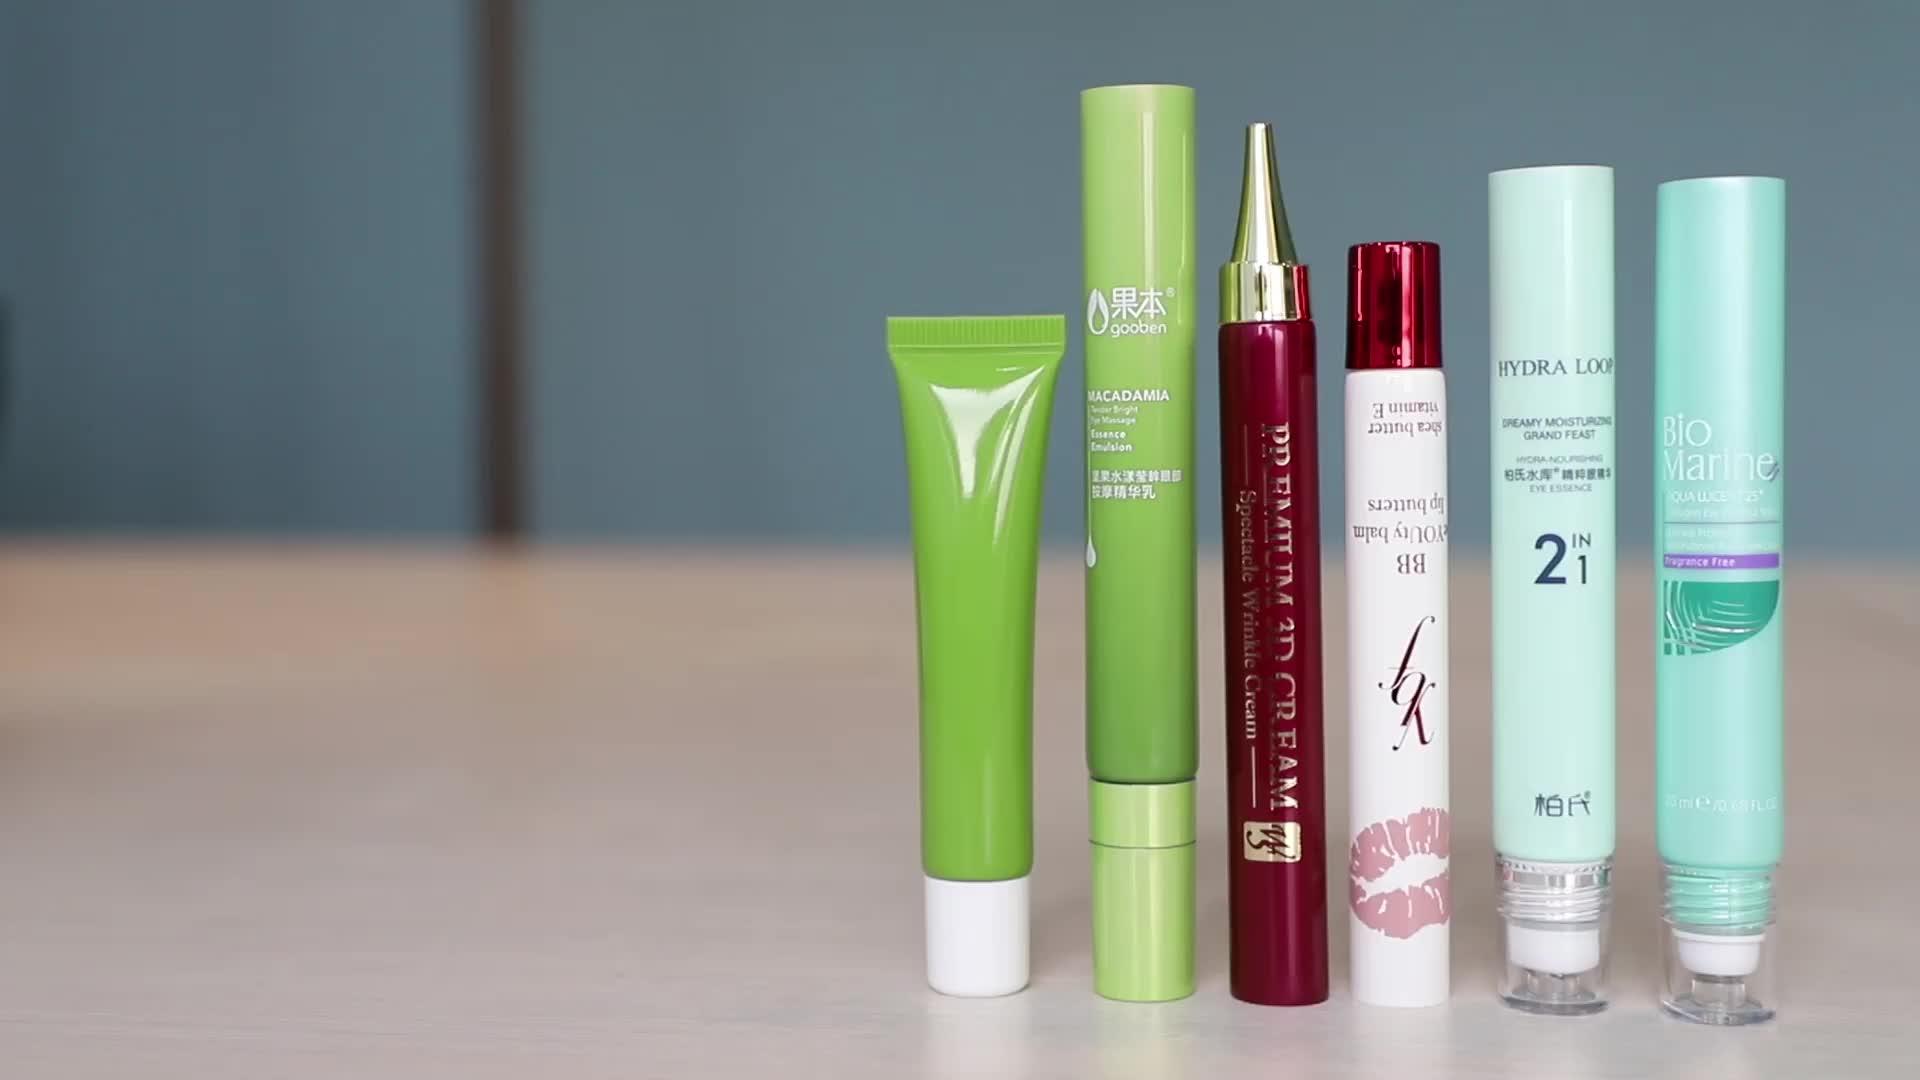 Eye essence three roller ball tube 15g empty massage oil tube pe material three roller ball tube for eye cream